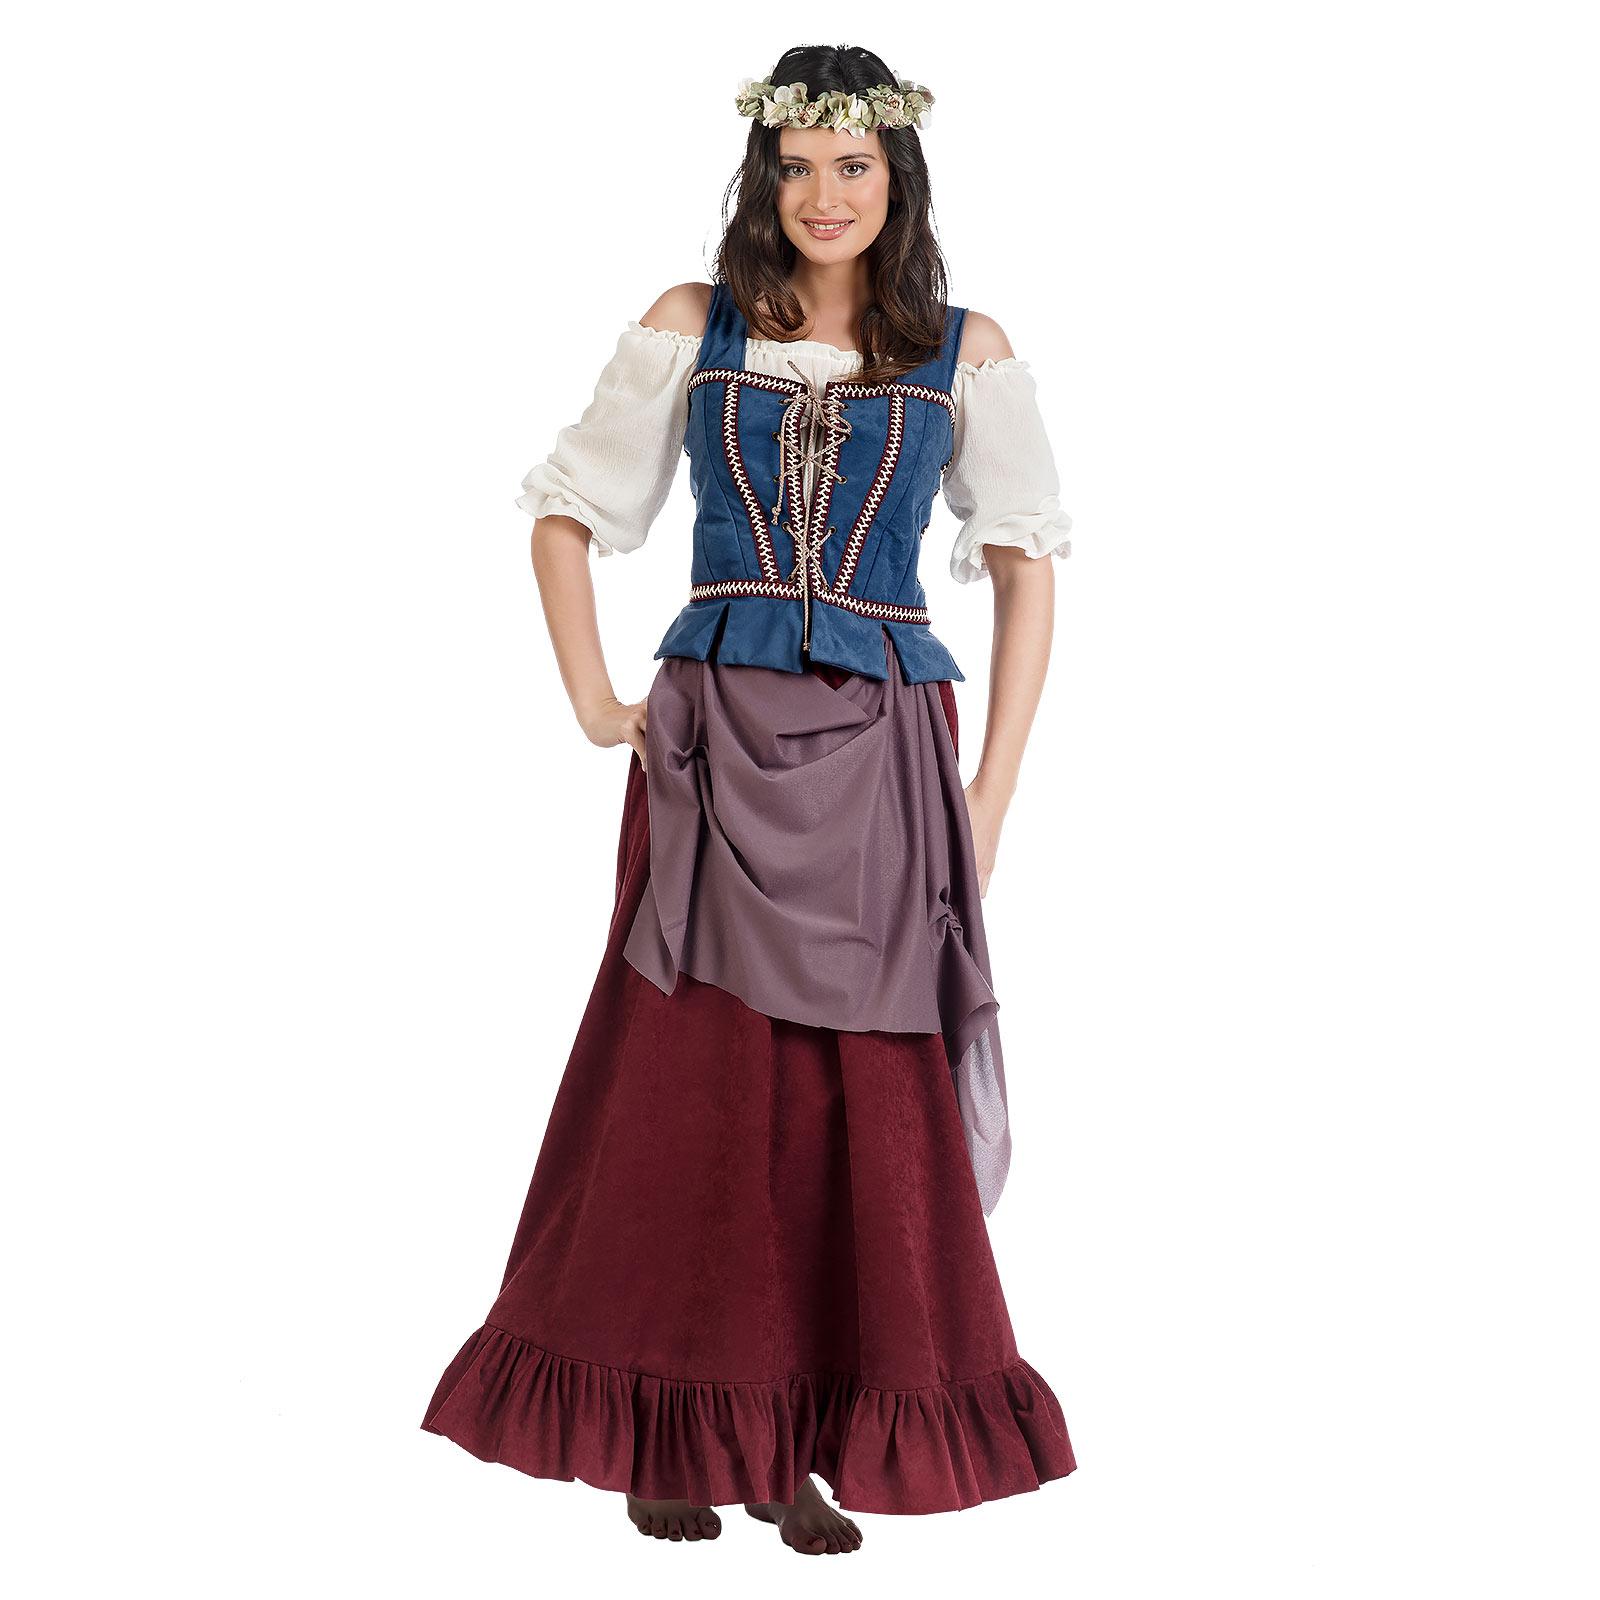 Mittelalter Magd Kostüm Damen